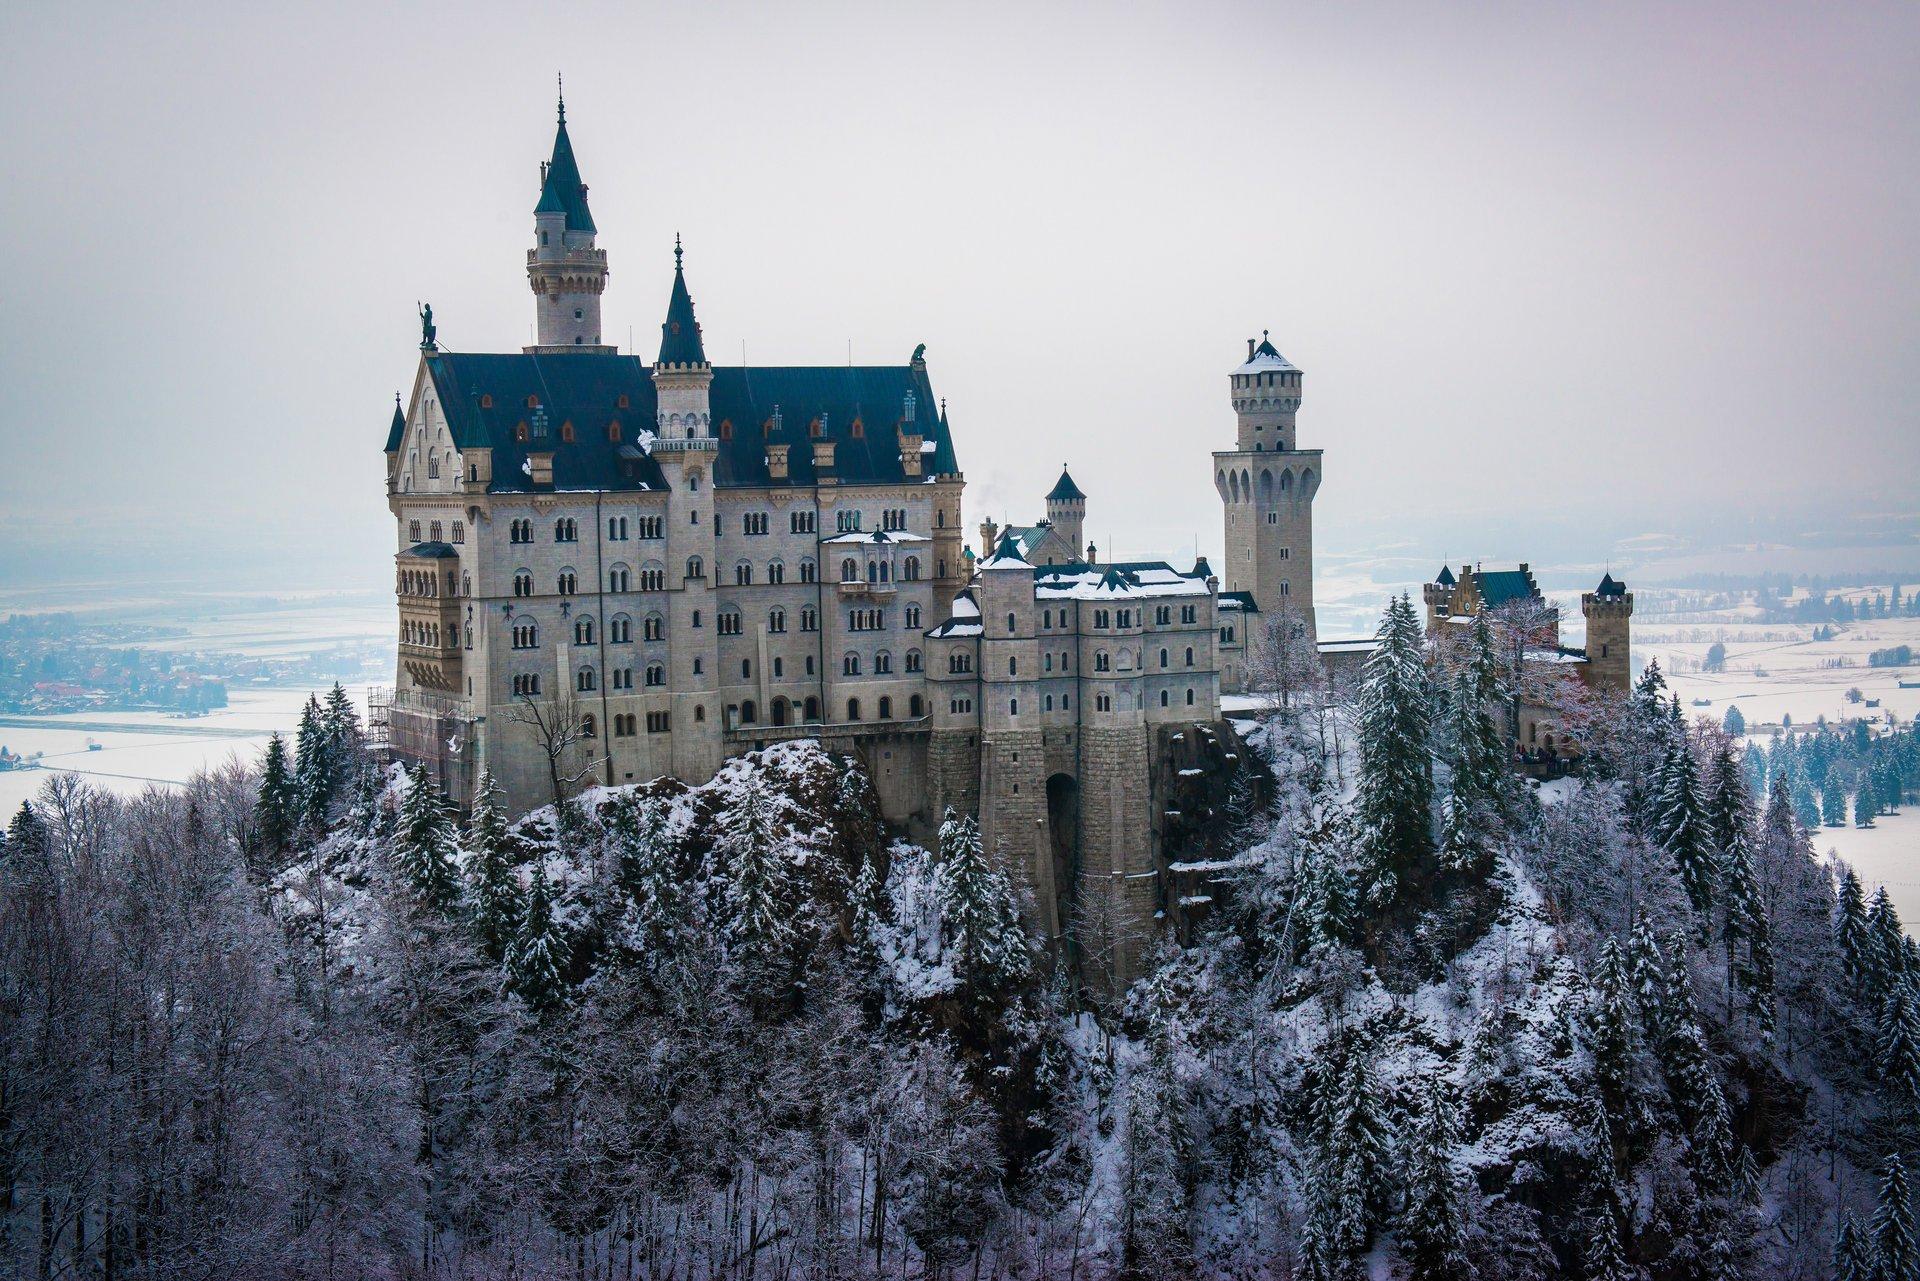 зимний замок обои на рабочий стол № 510479 бесплатно